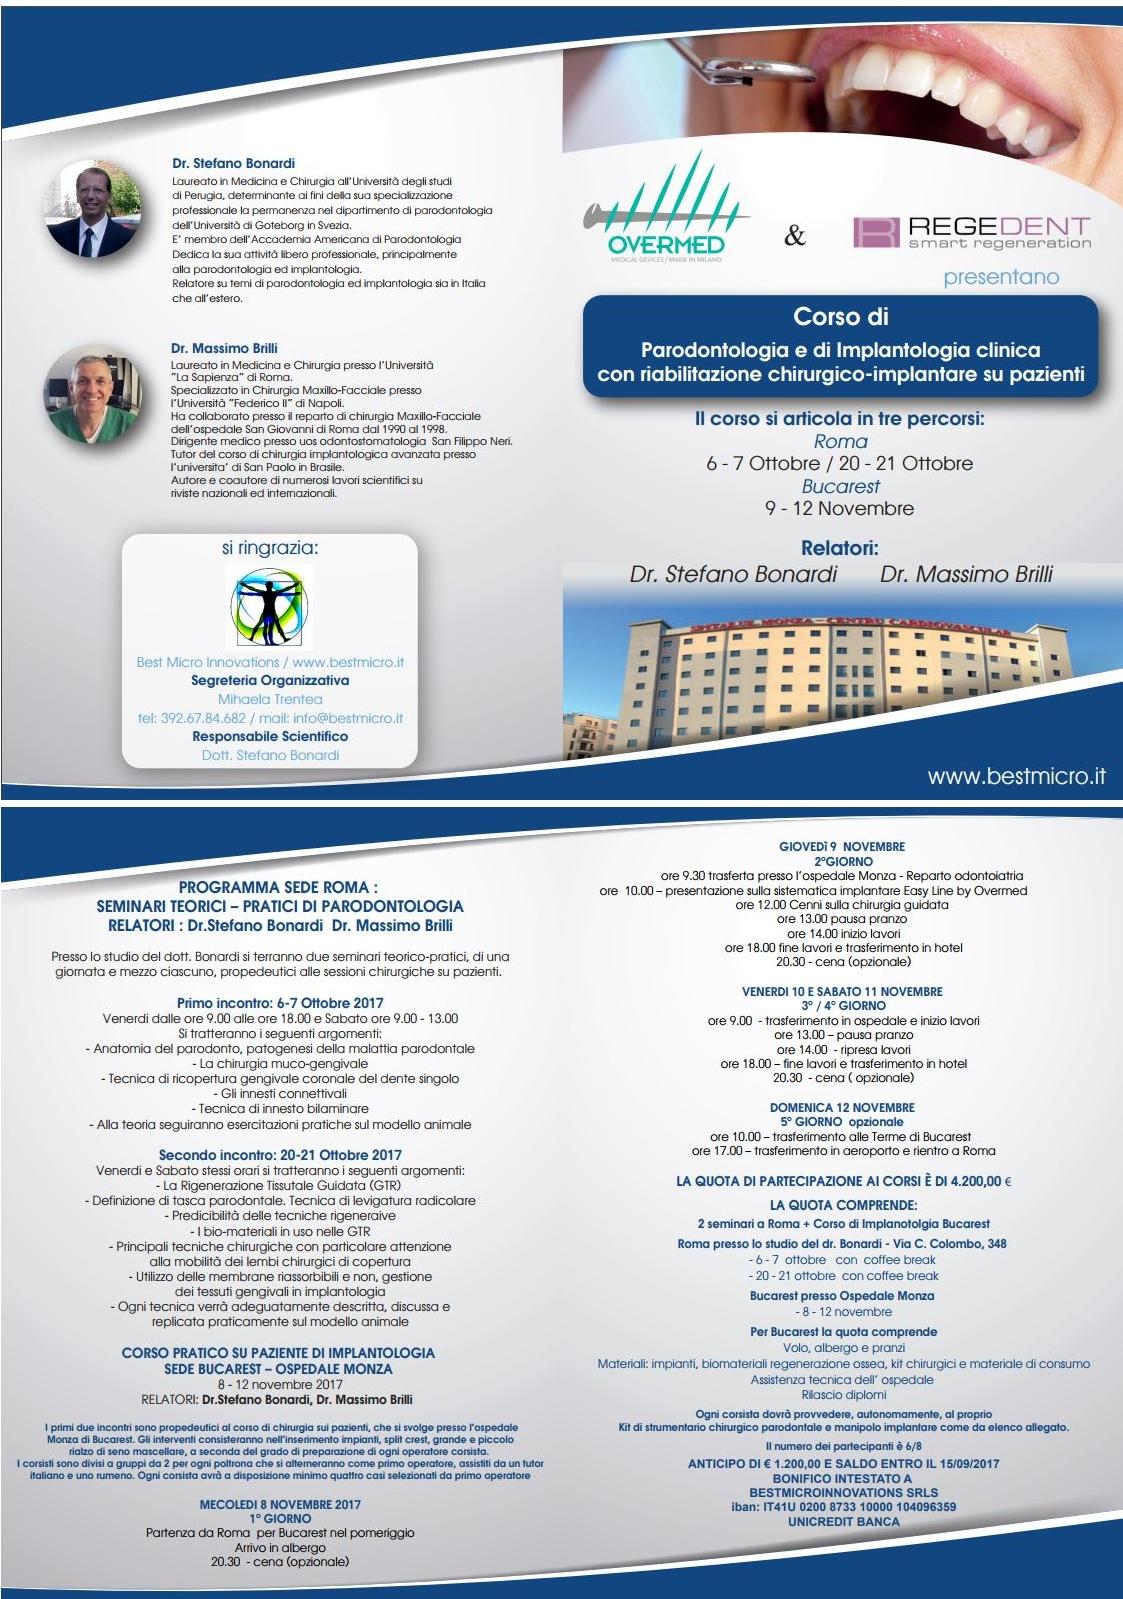 Corso di Parodontologia e Implantologia Clinica con Riabilitazione Chirurgico Implantare su Pazienti